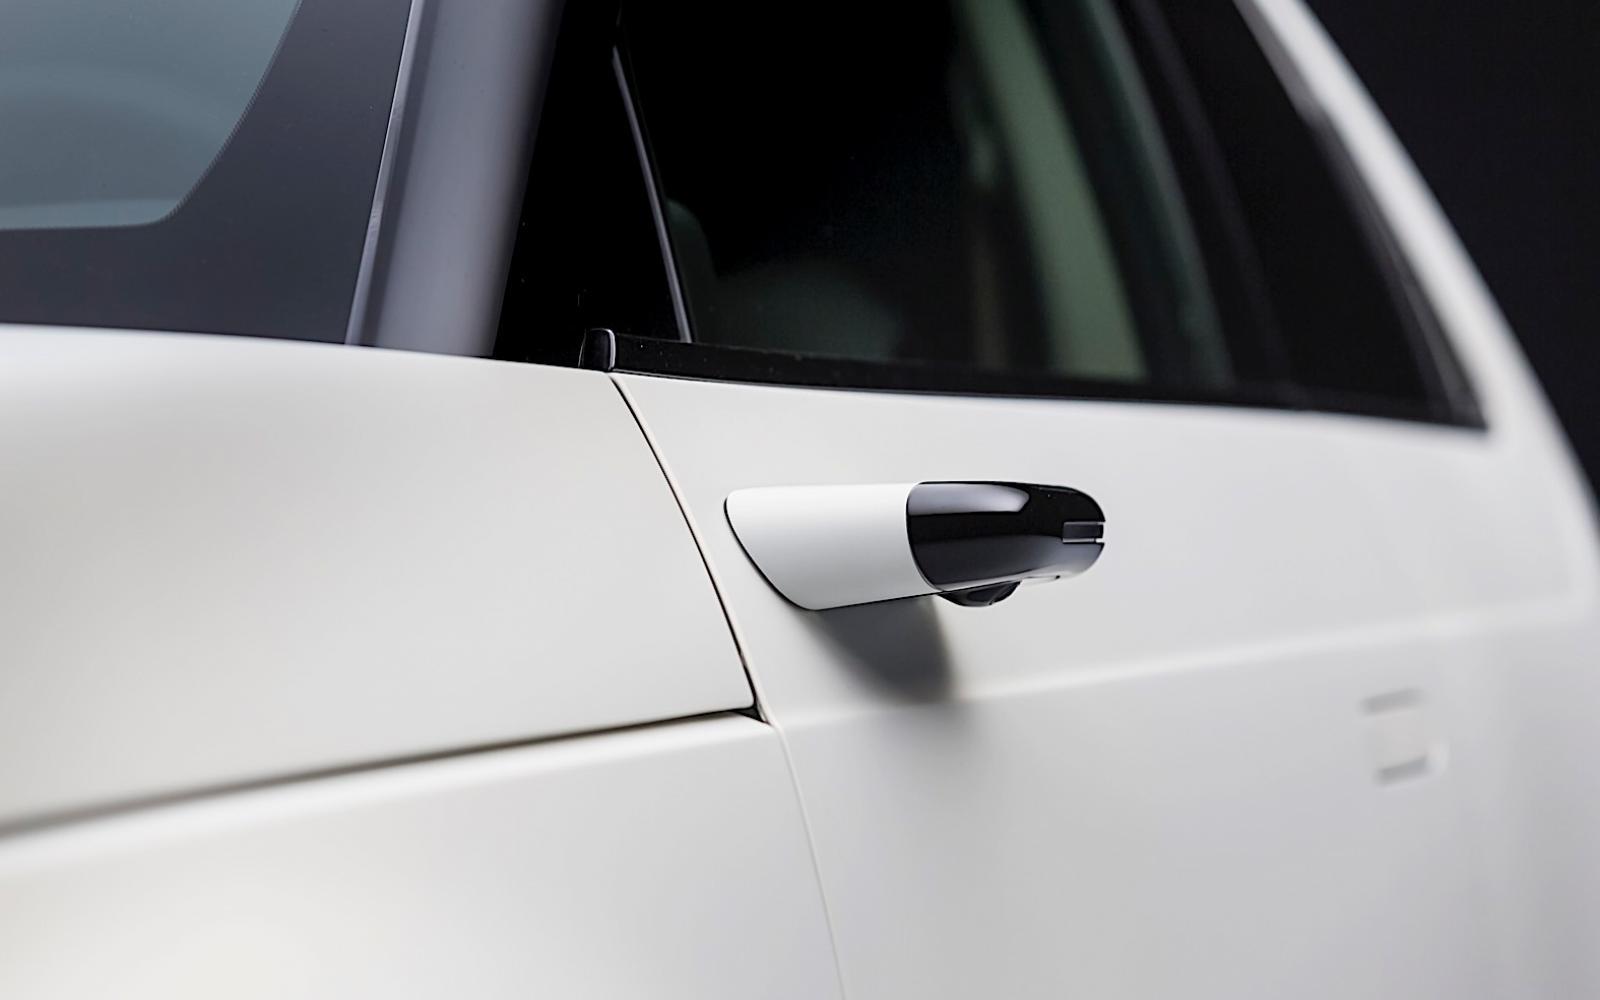 Duur hè, die virtuele spiegels op je Audi e-tron! Honda geeft ze gratis weg!